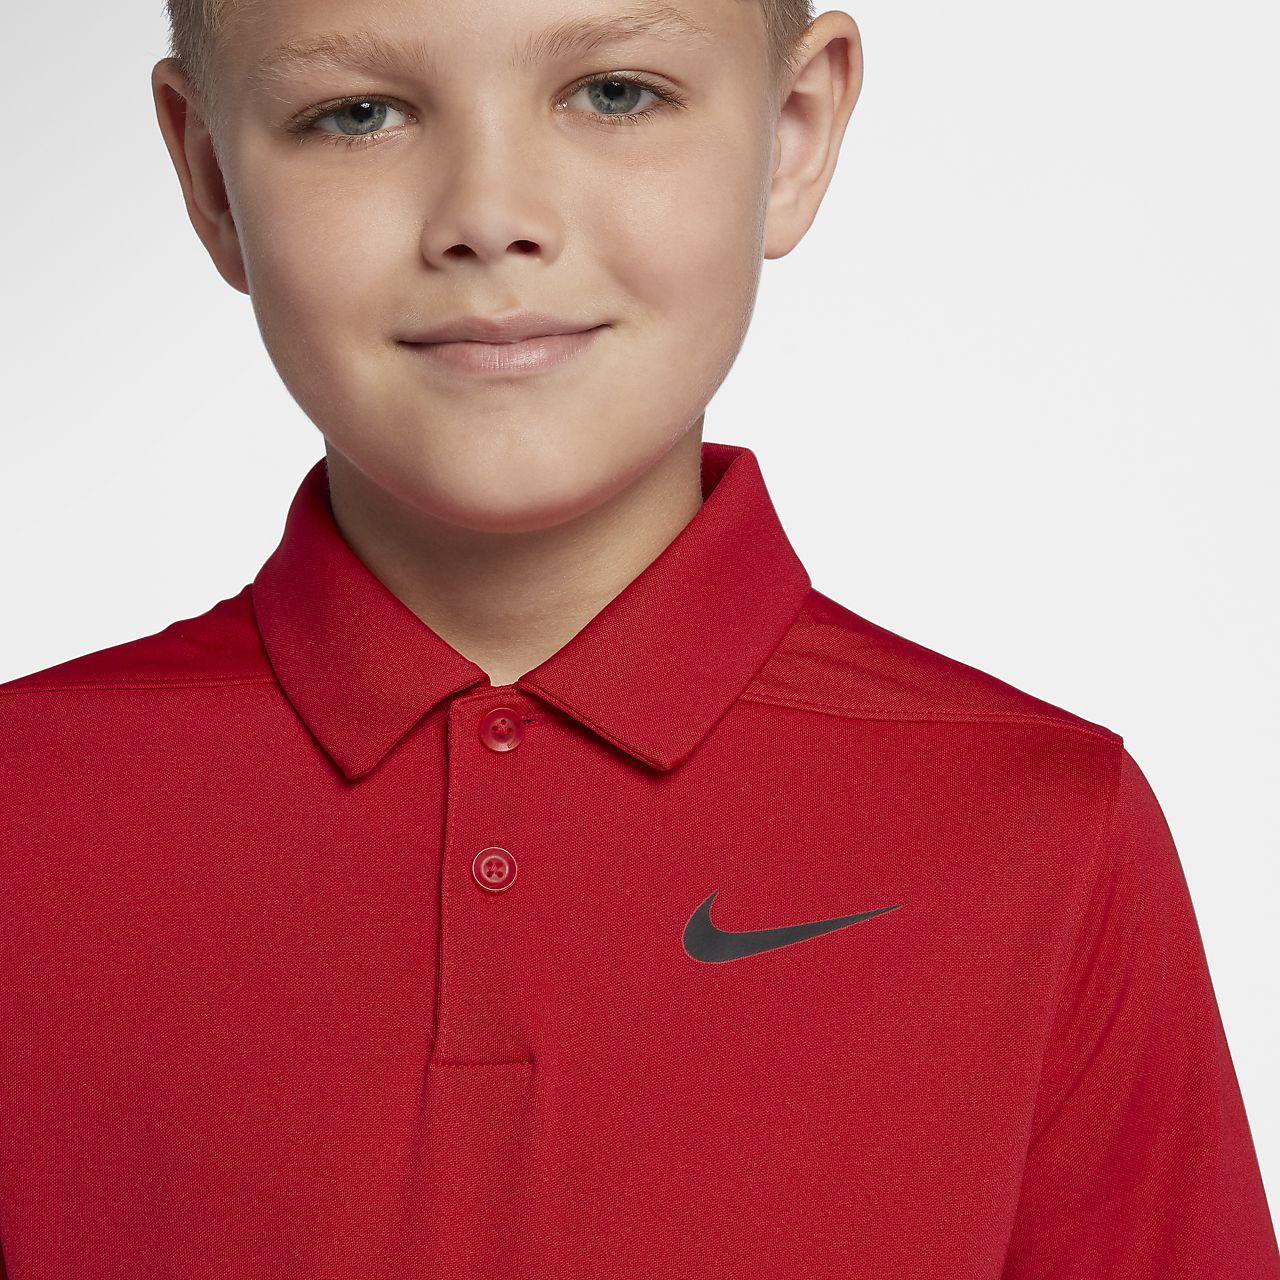 f9e30deb Nike Dri-FIT Victory Big Kids' (Boys') Golf Polo. Nike.com